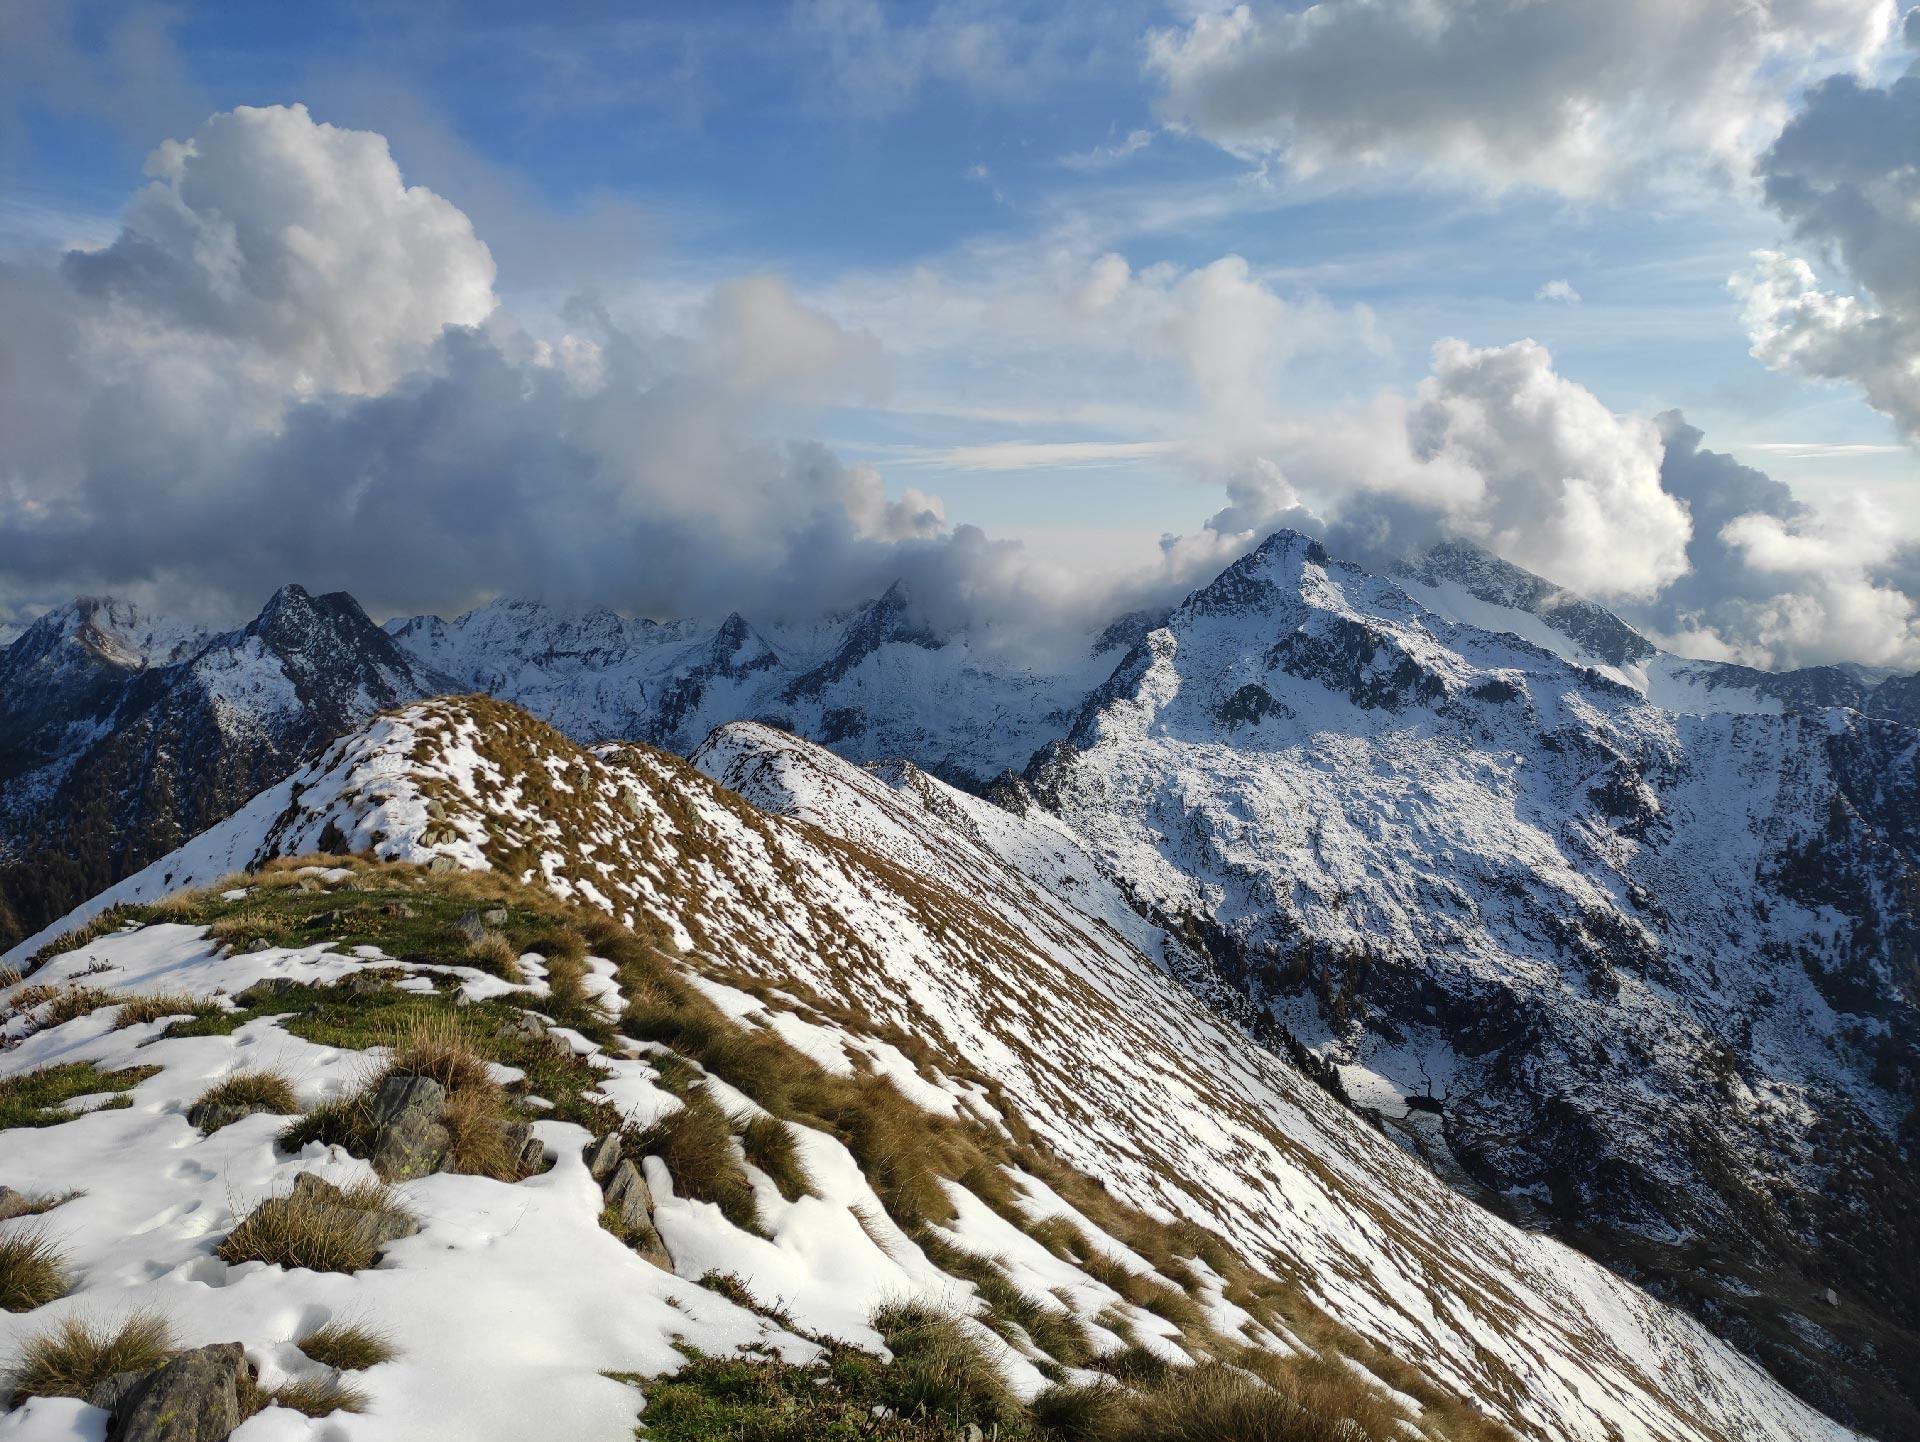 Veduta dell'Alpe Lago, in vetta al Monte Lago (montagne innevate), Valle del Bitto, Lombardia